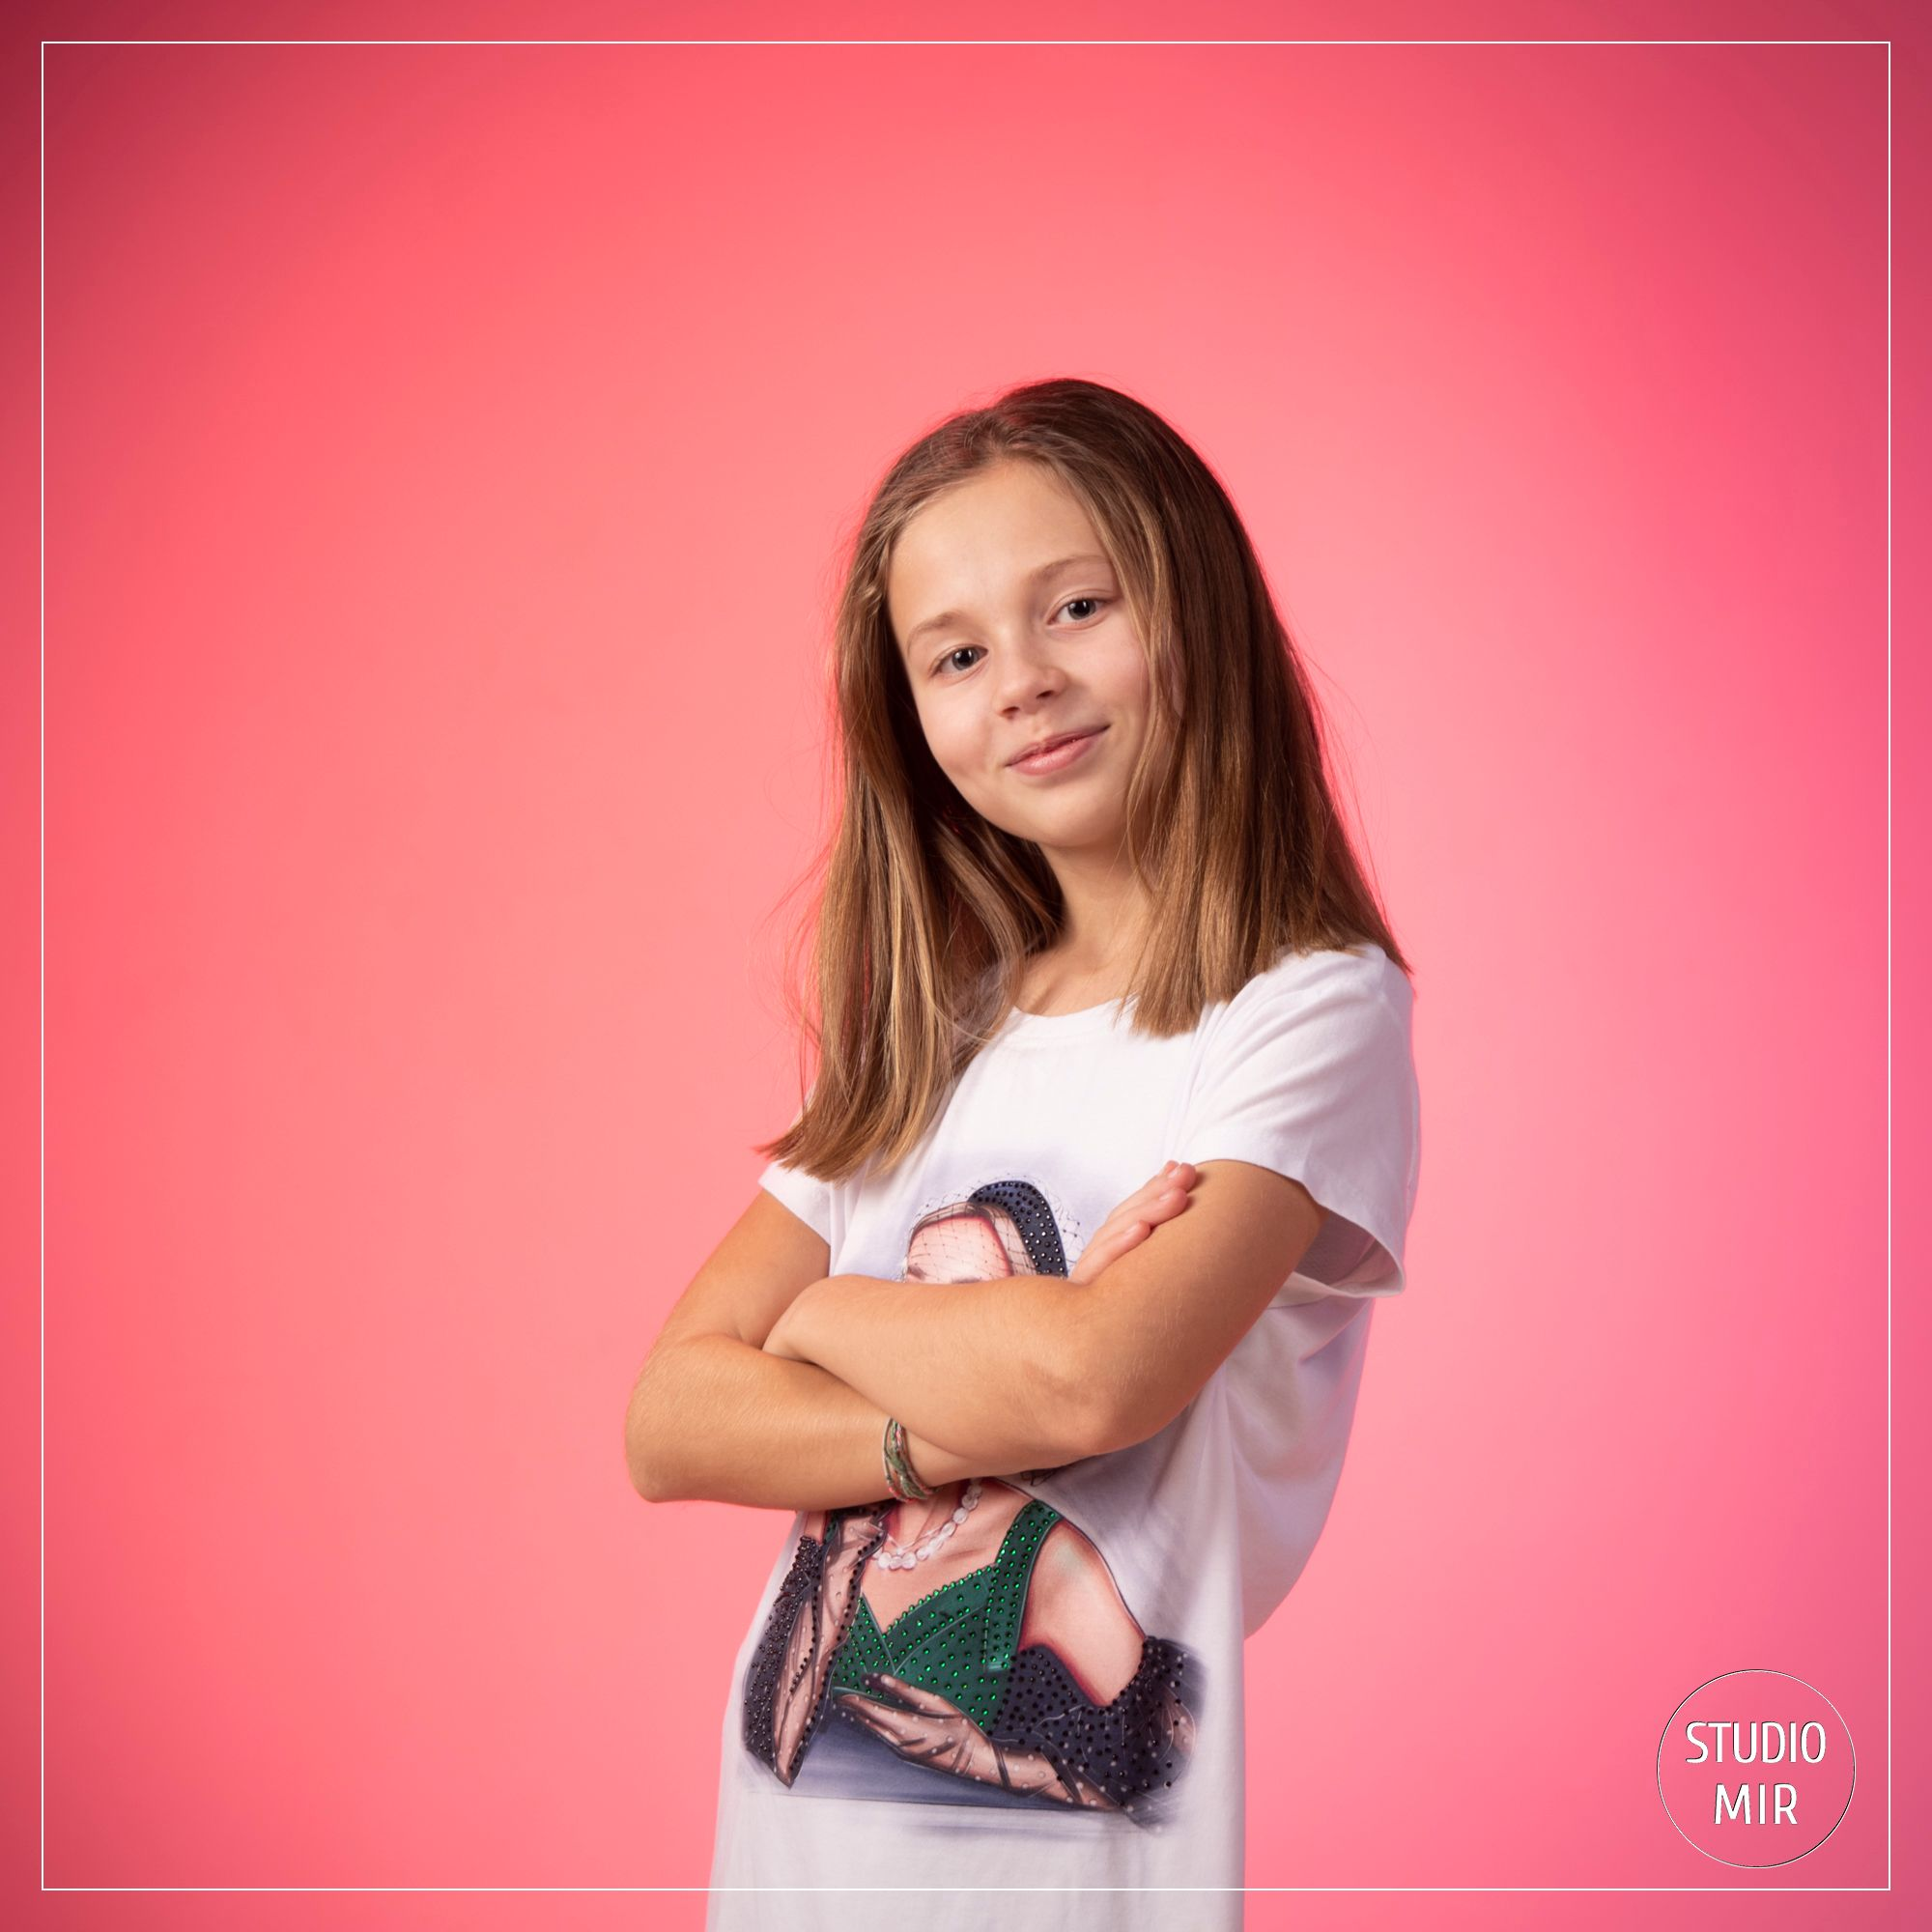 Séance photo adolescente avec fond rose dans le Val de Marne